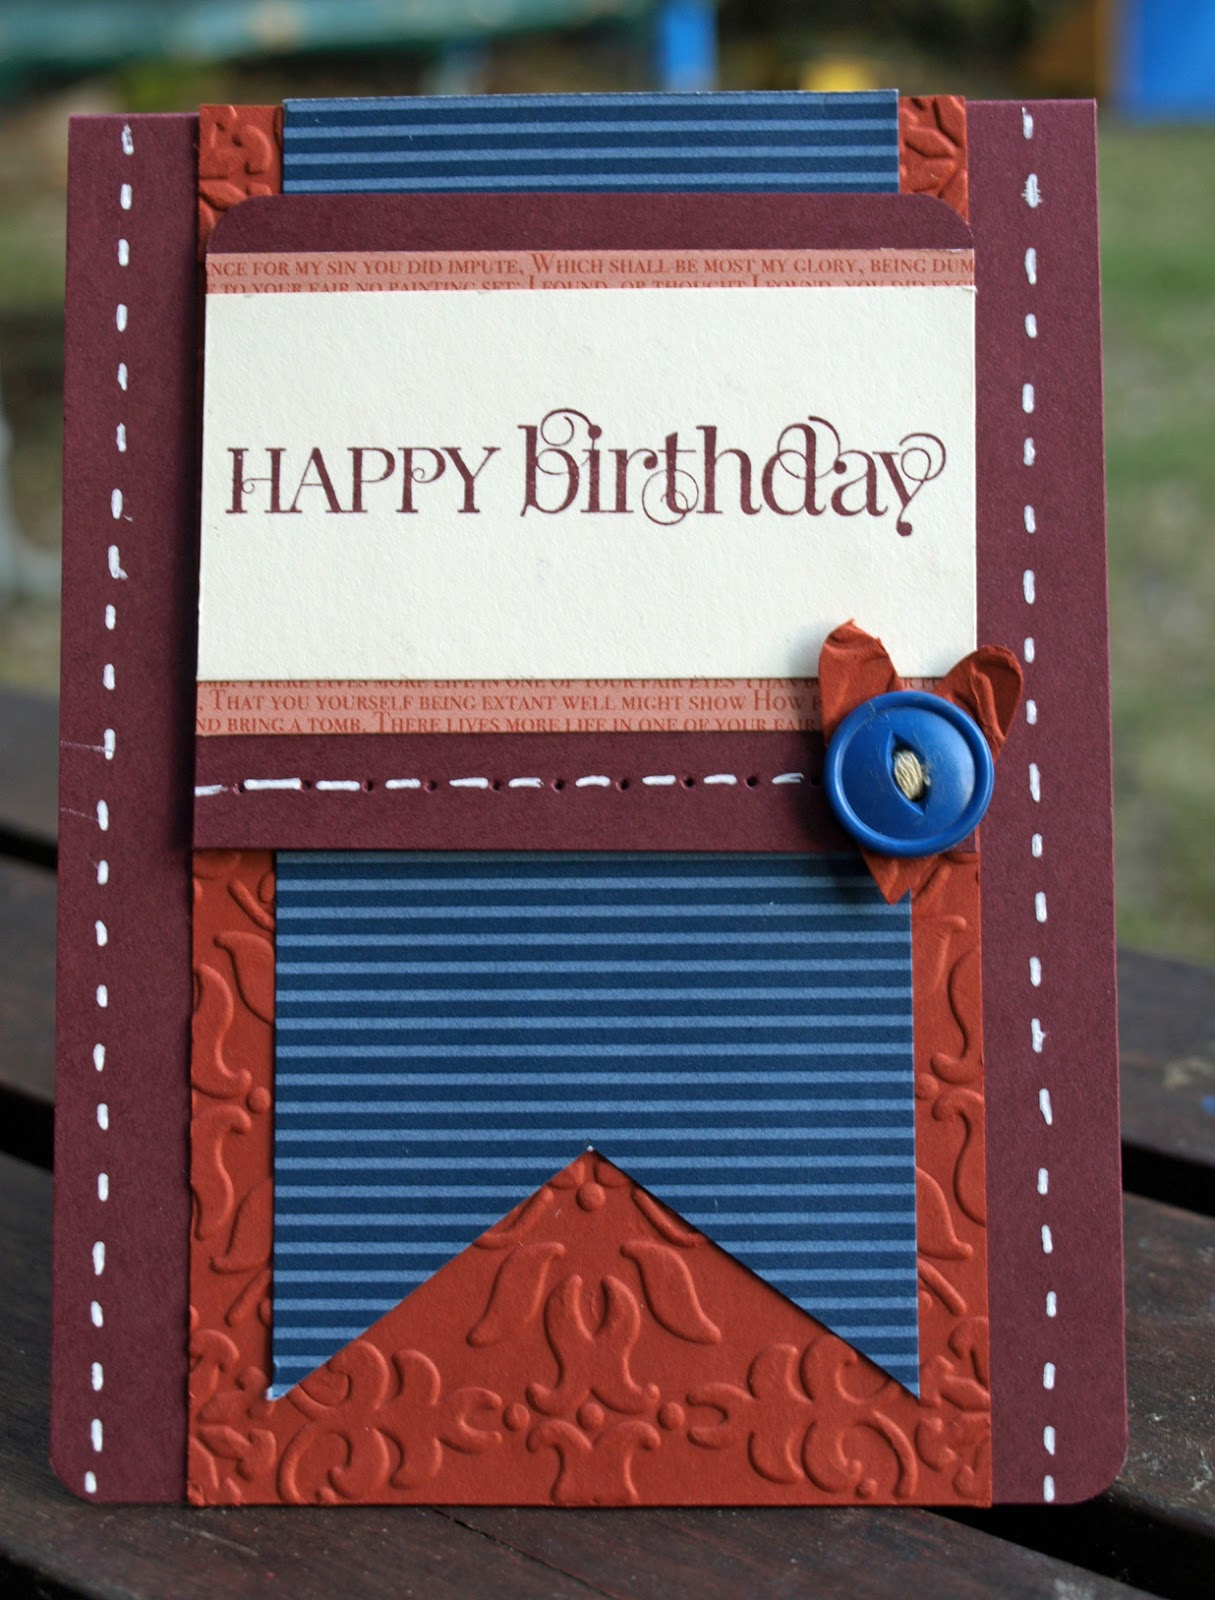 http://4.bp.blogspot.com/-zA8sF_viL9Q/UIFR6e2j9BI/AAAAAAAAB3o/nAmjI_m-jPw/s1600/masc-ppa-birthday.jpg